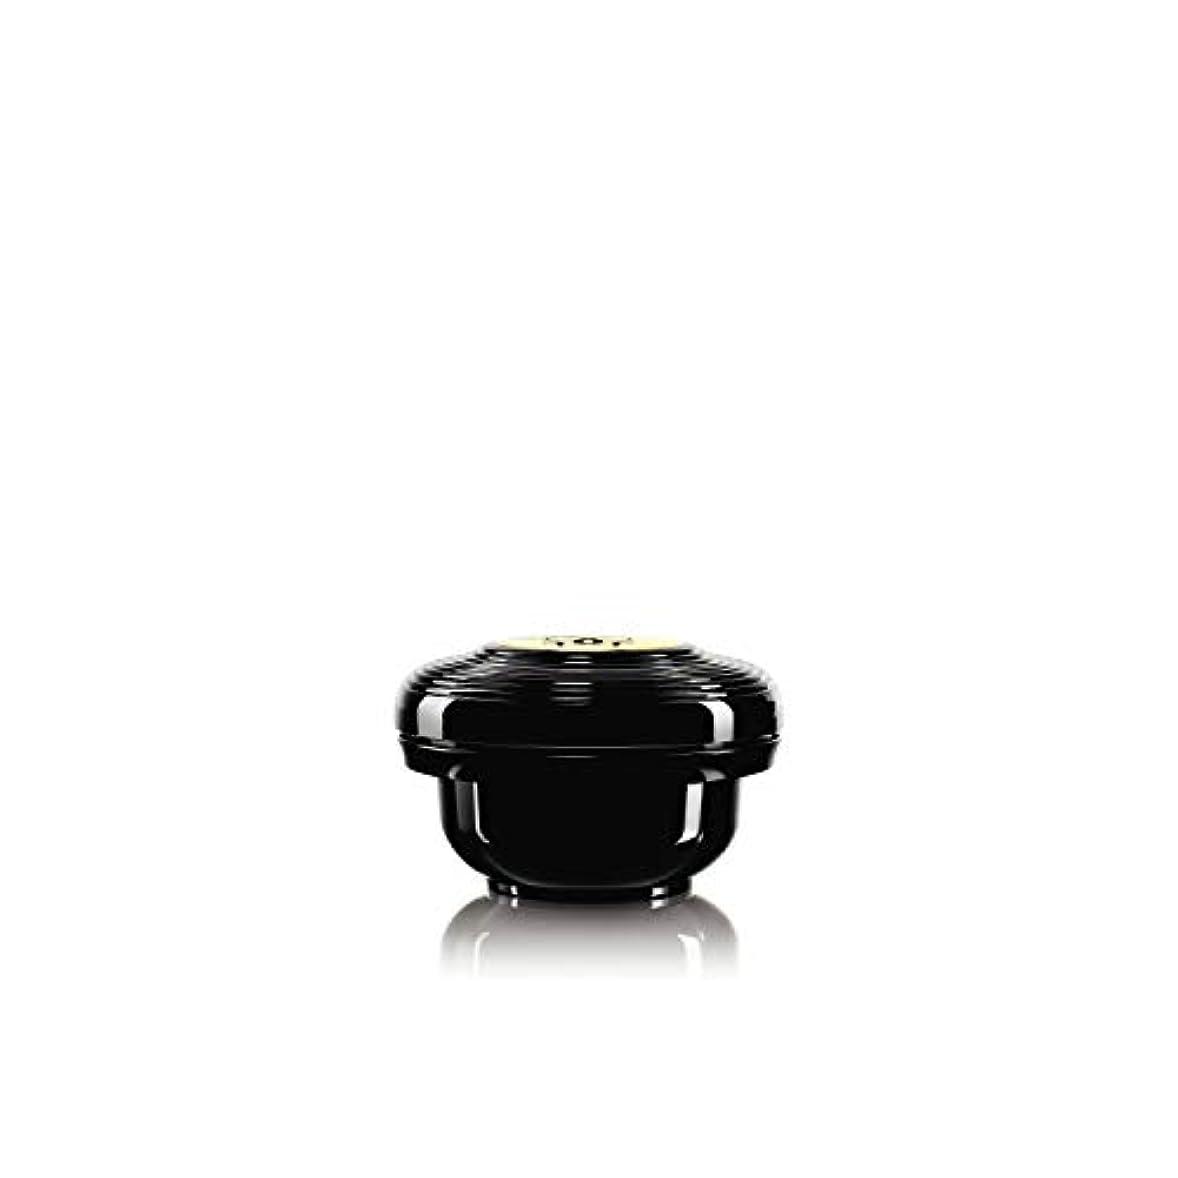 蚊動かない耕す【GUERLAIN(ゲラン)】オーキデ アンペリアル ブラック クリーム ベルナルド(リフィル)50mL/クリーム